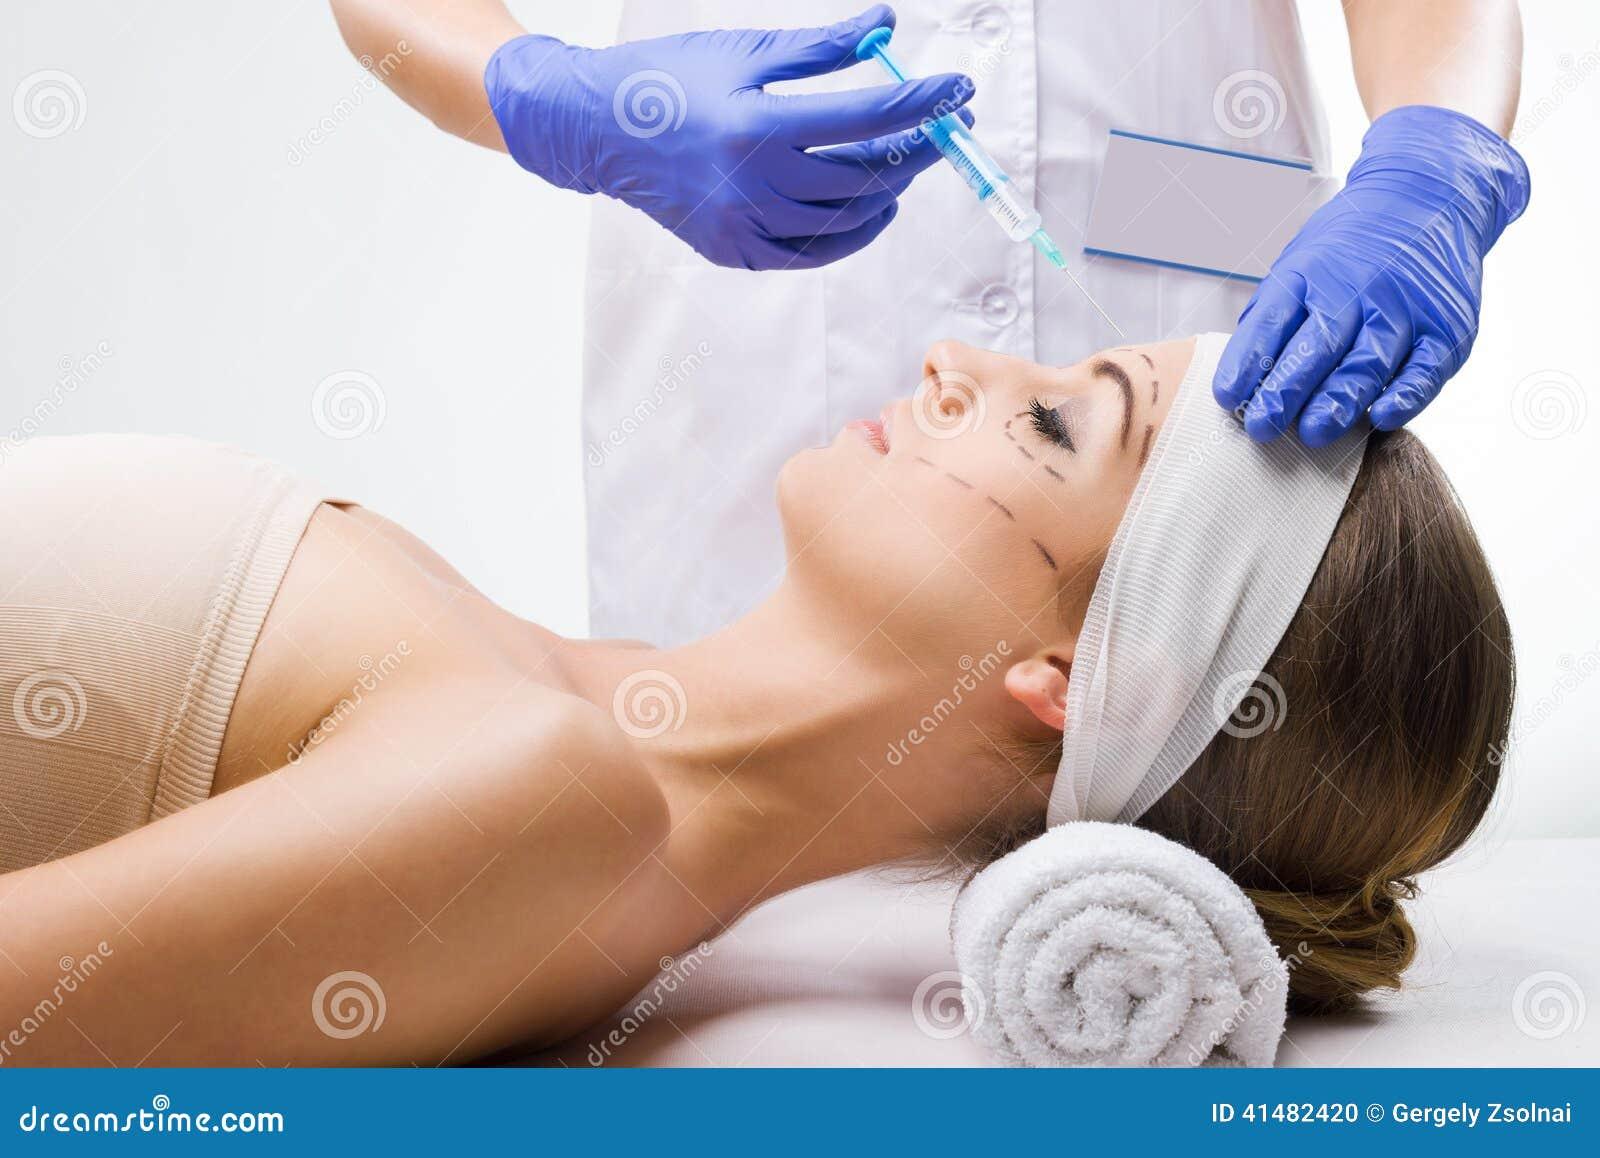 Piękny kobiety lying on the beach w klinice, chirurg plastyczny w rękach igła